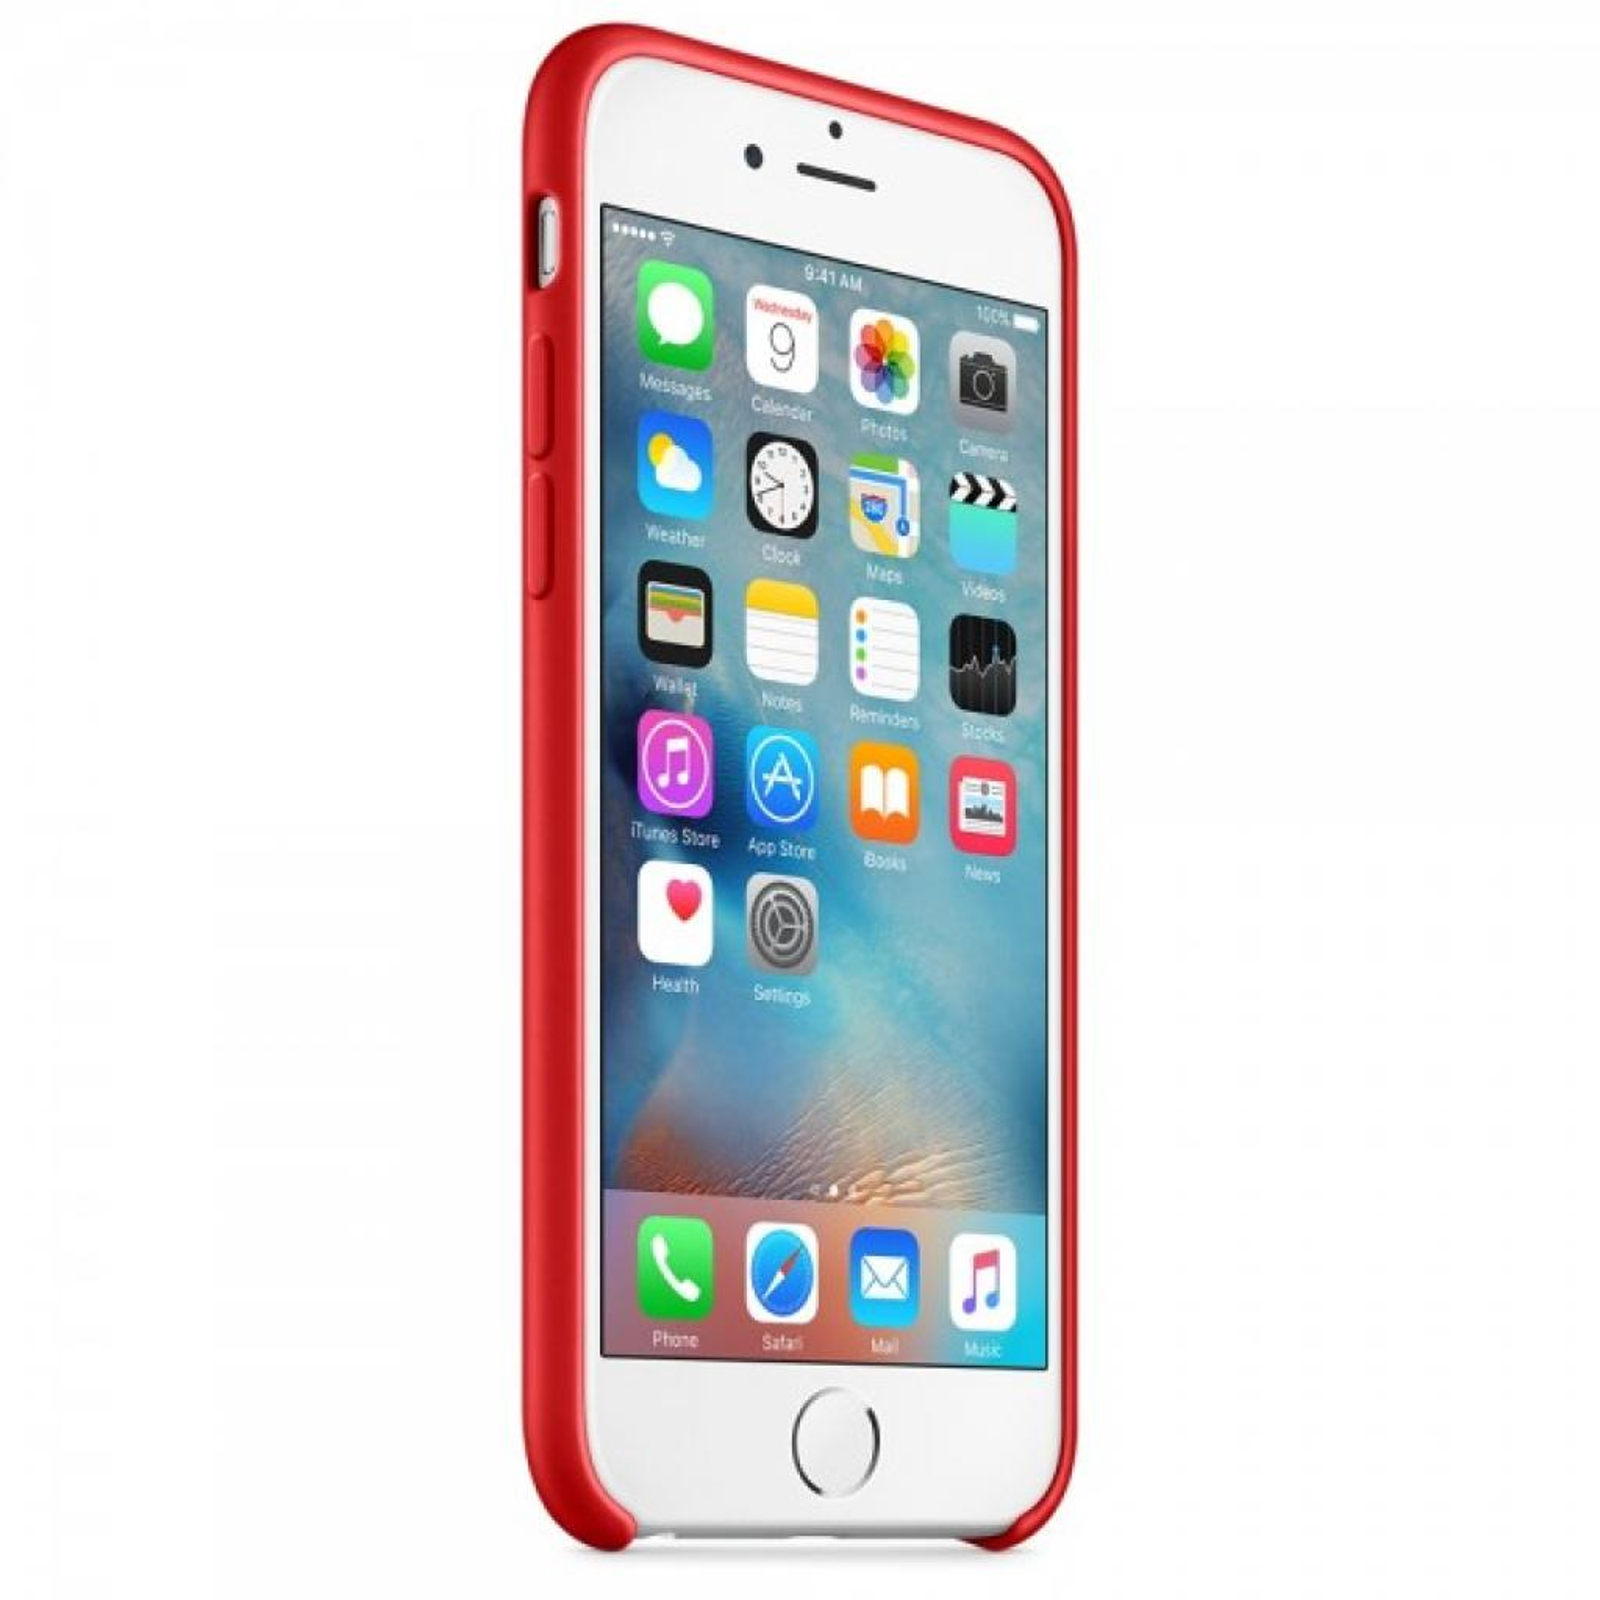 Чехол для моб. телефона Apple для iPhone 6/6s PRODUCT(RED) (MKY32ZM/A) изображение 3